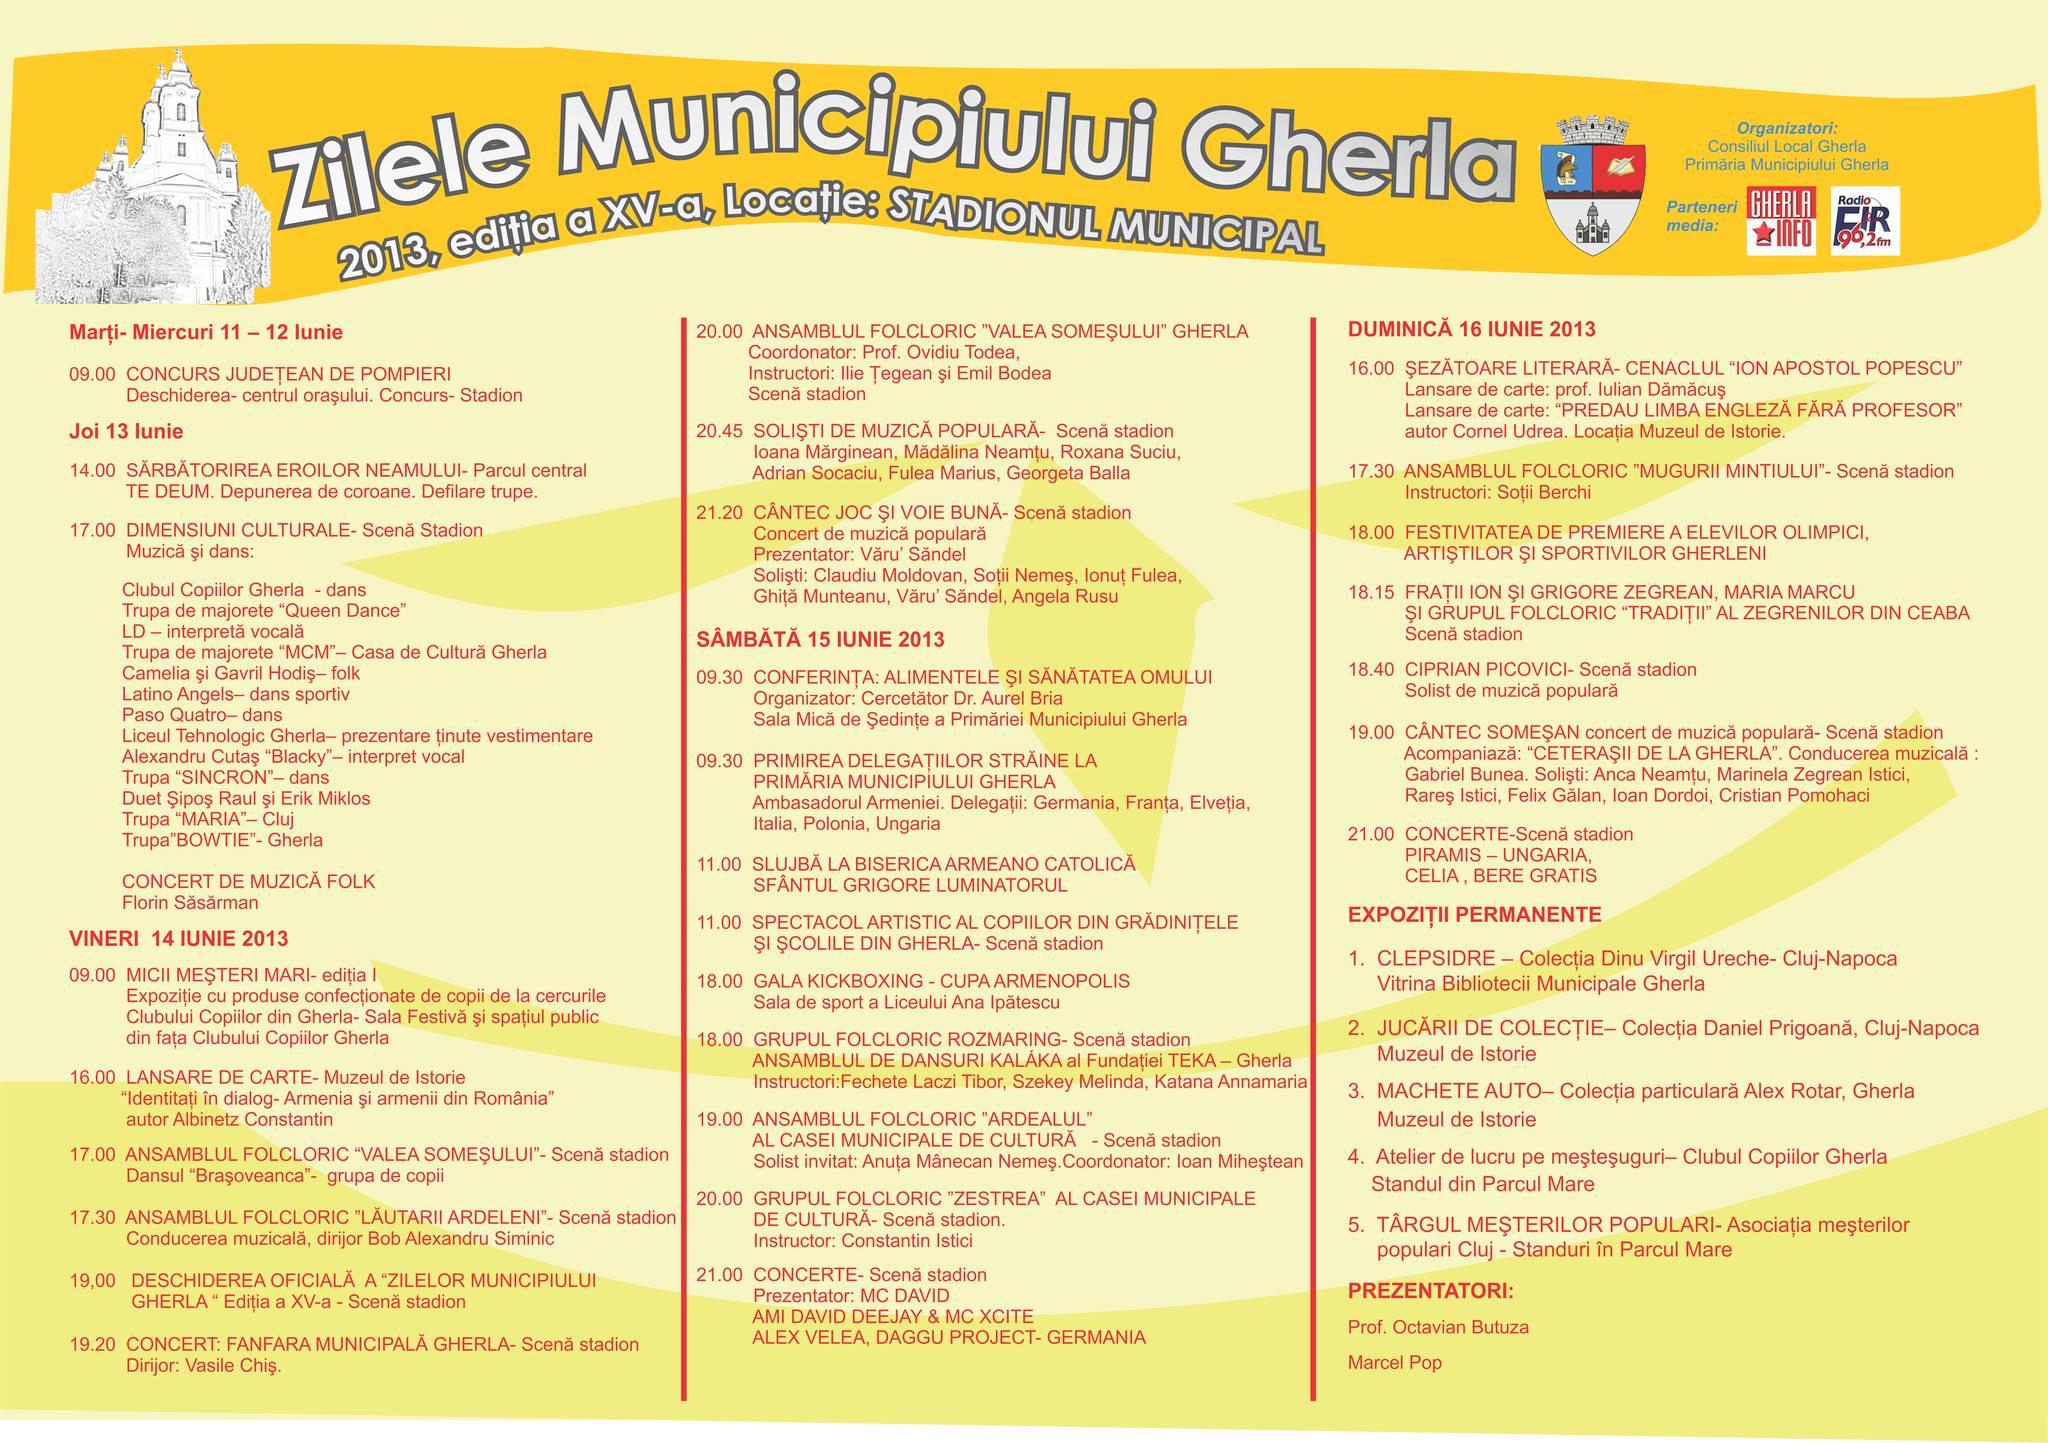 zilele municipiului gherla 2013